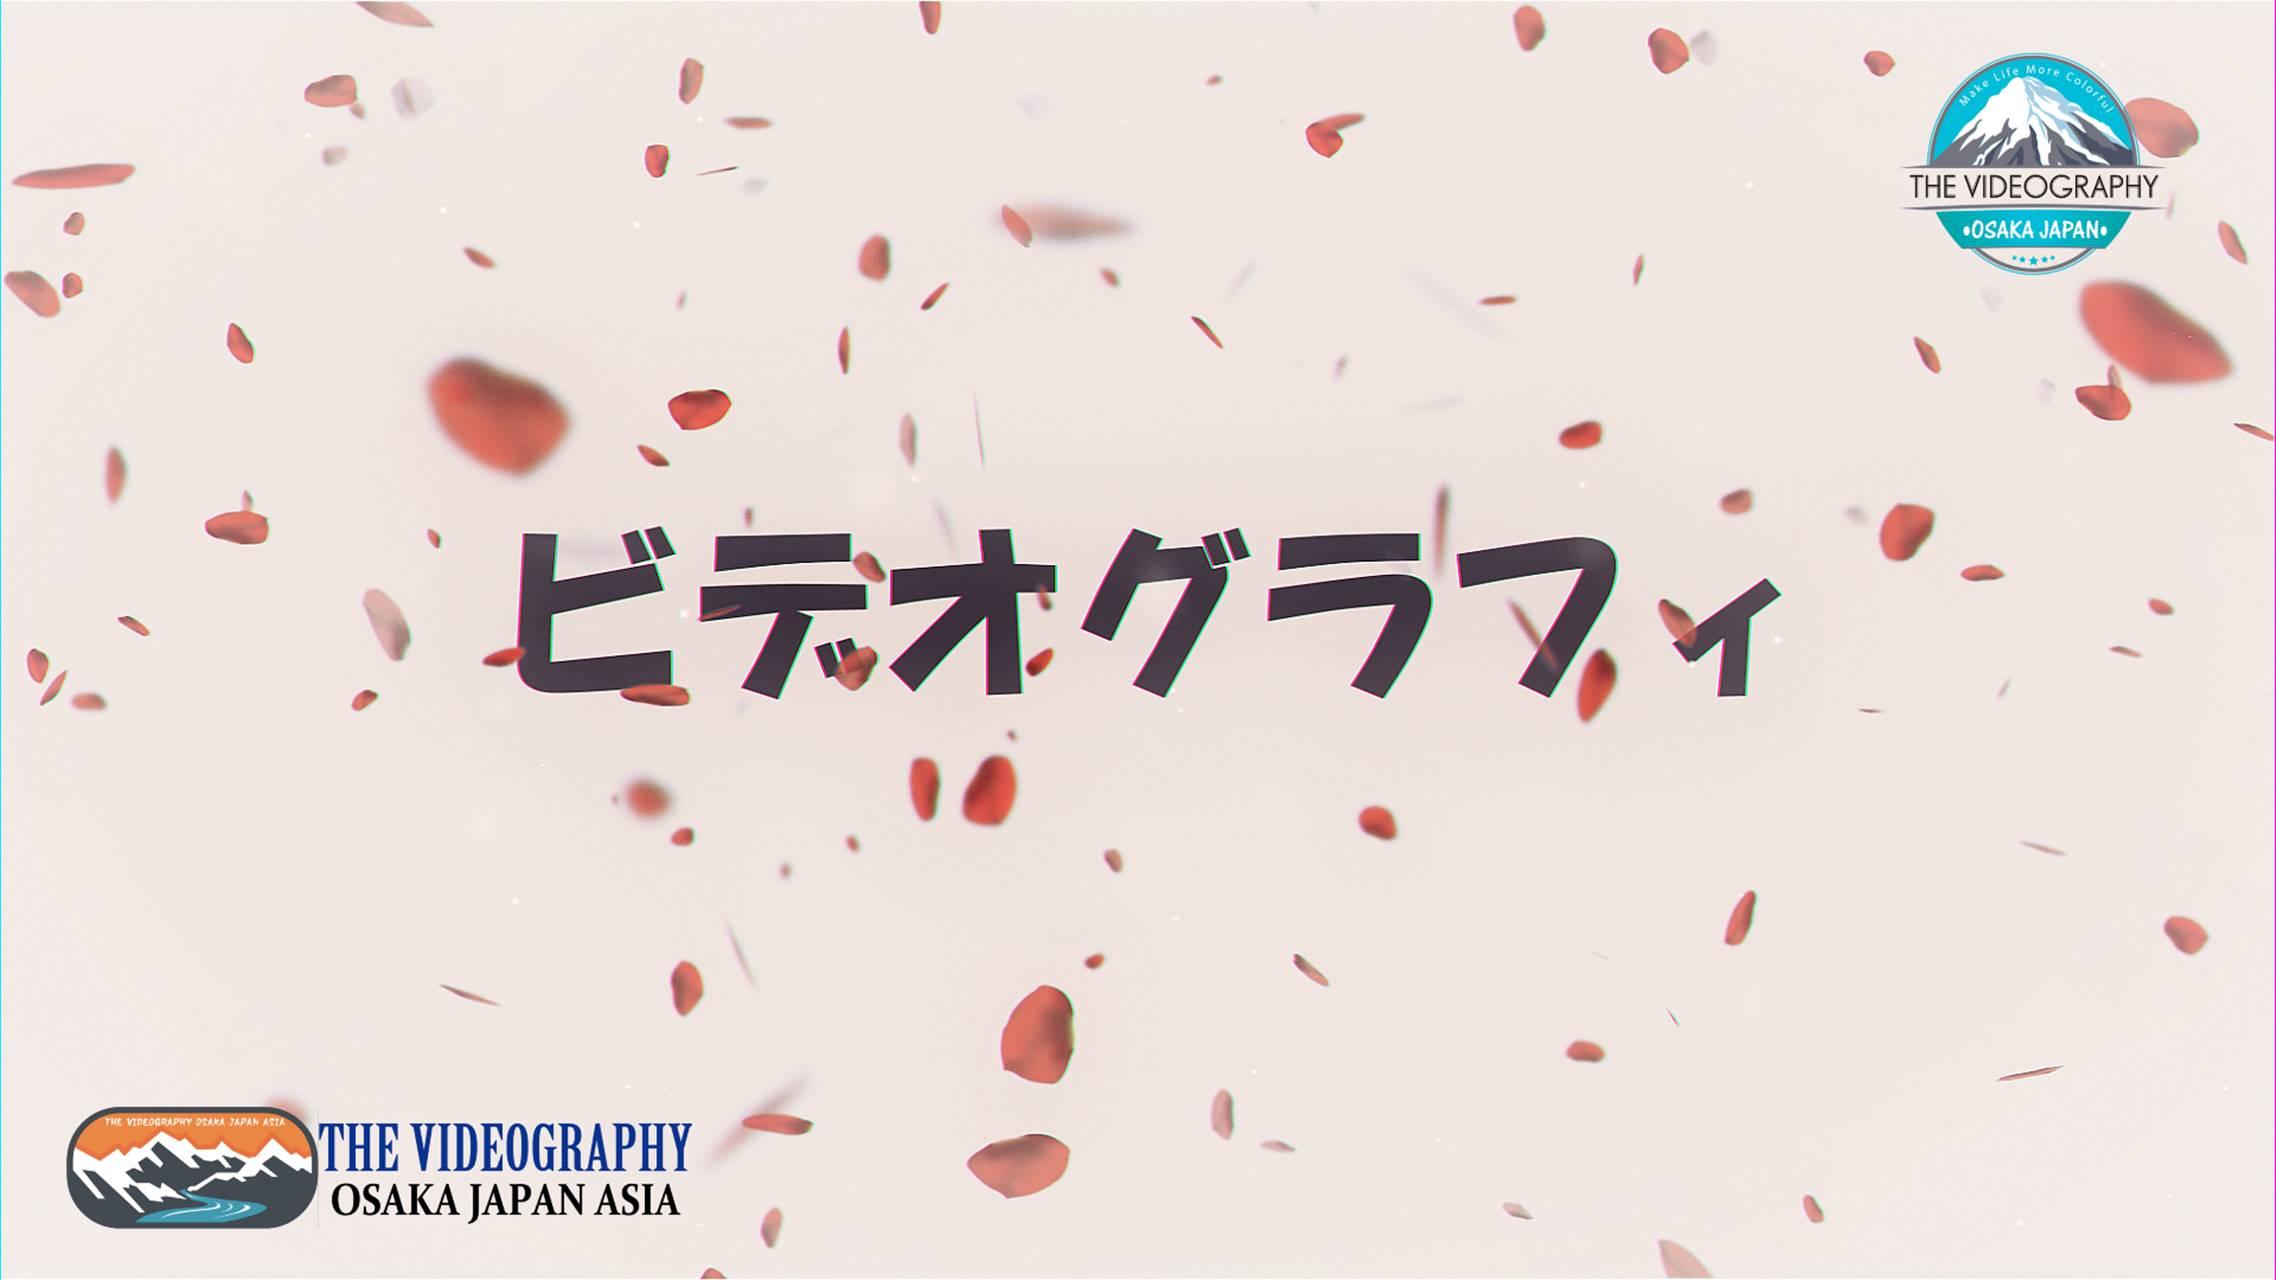 薔薇の花びらが舞うバレンタインデーに相応しいおしゃれでポップなムービー